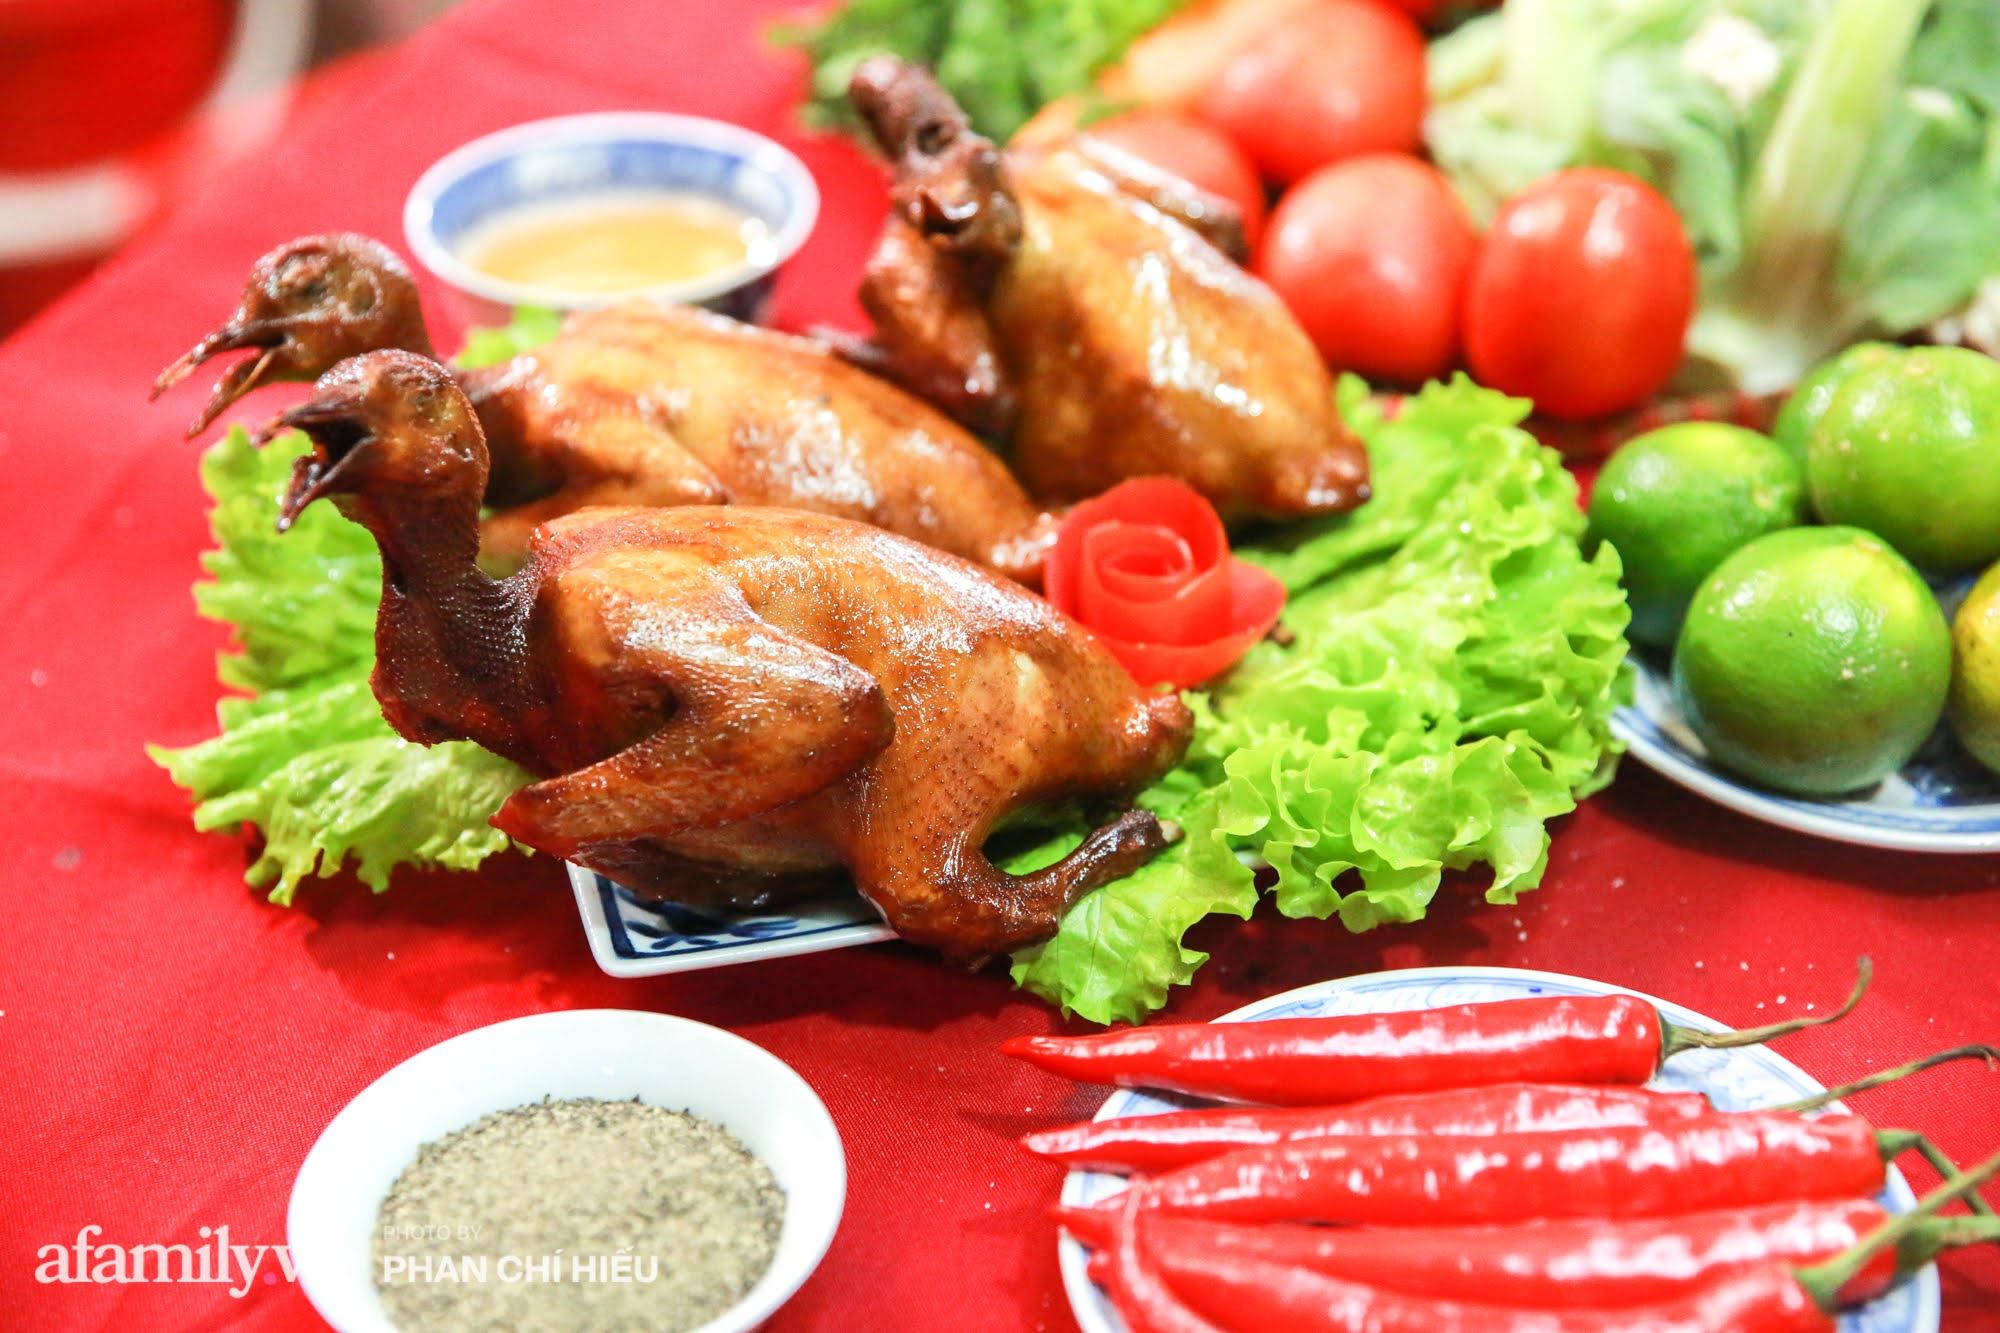 Món chim quay mỗi mùa Tết đều xuất đi hàng nghìn con của nghệ nhân ẩm thực nức tiếng phố cổ Hà Nội, bí quyết gói gọn trong cách chọn chim và làm sạch chứ không phải khâu tẩm ướp gia vị - Ảnh 3.